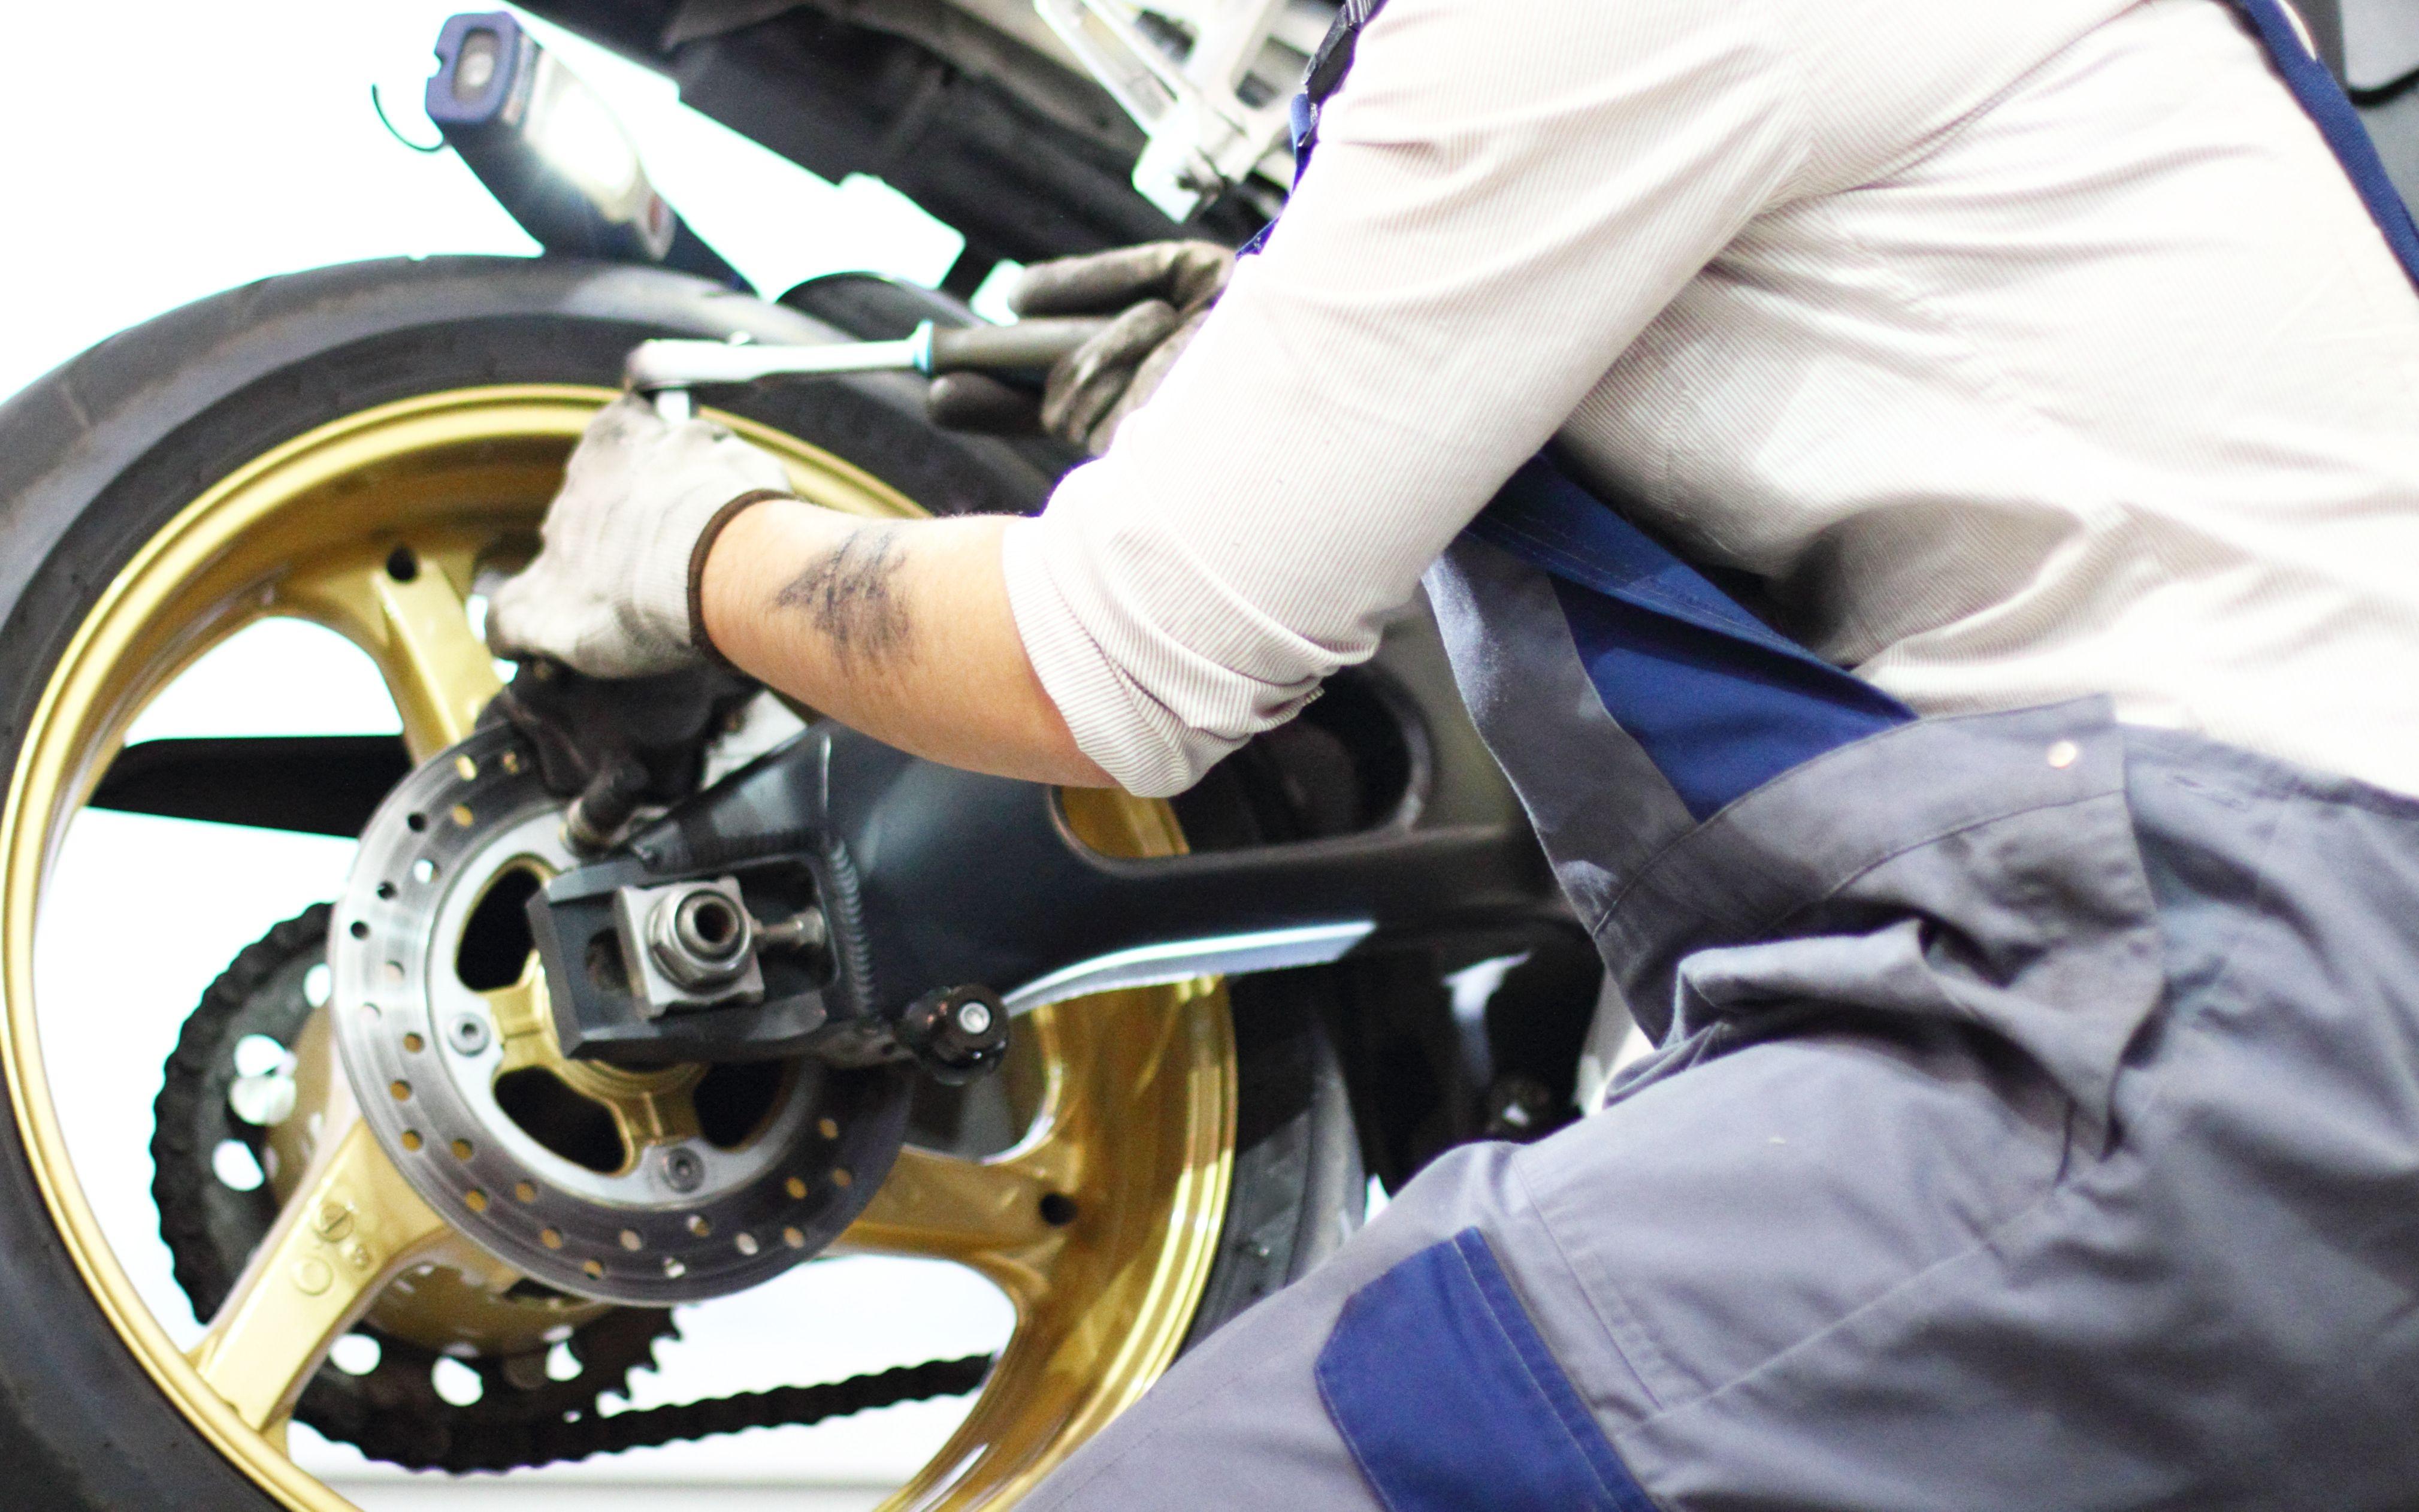 Taller de motos: Servicios de Box 69 Racing